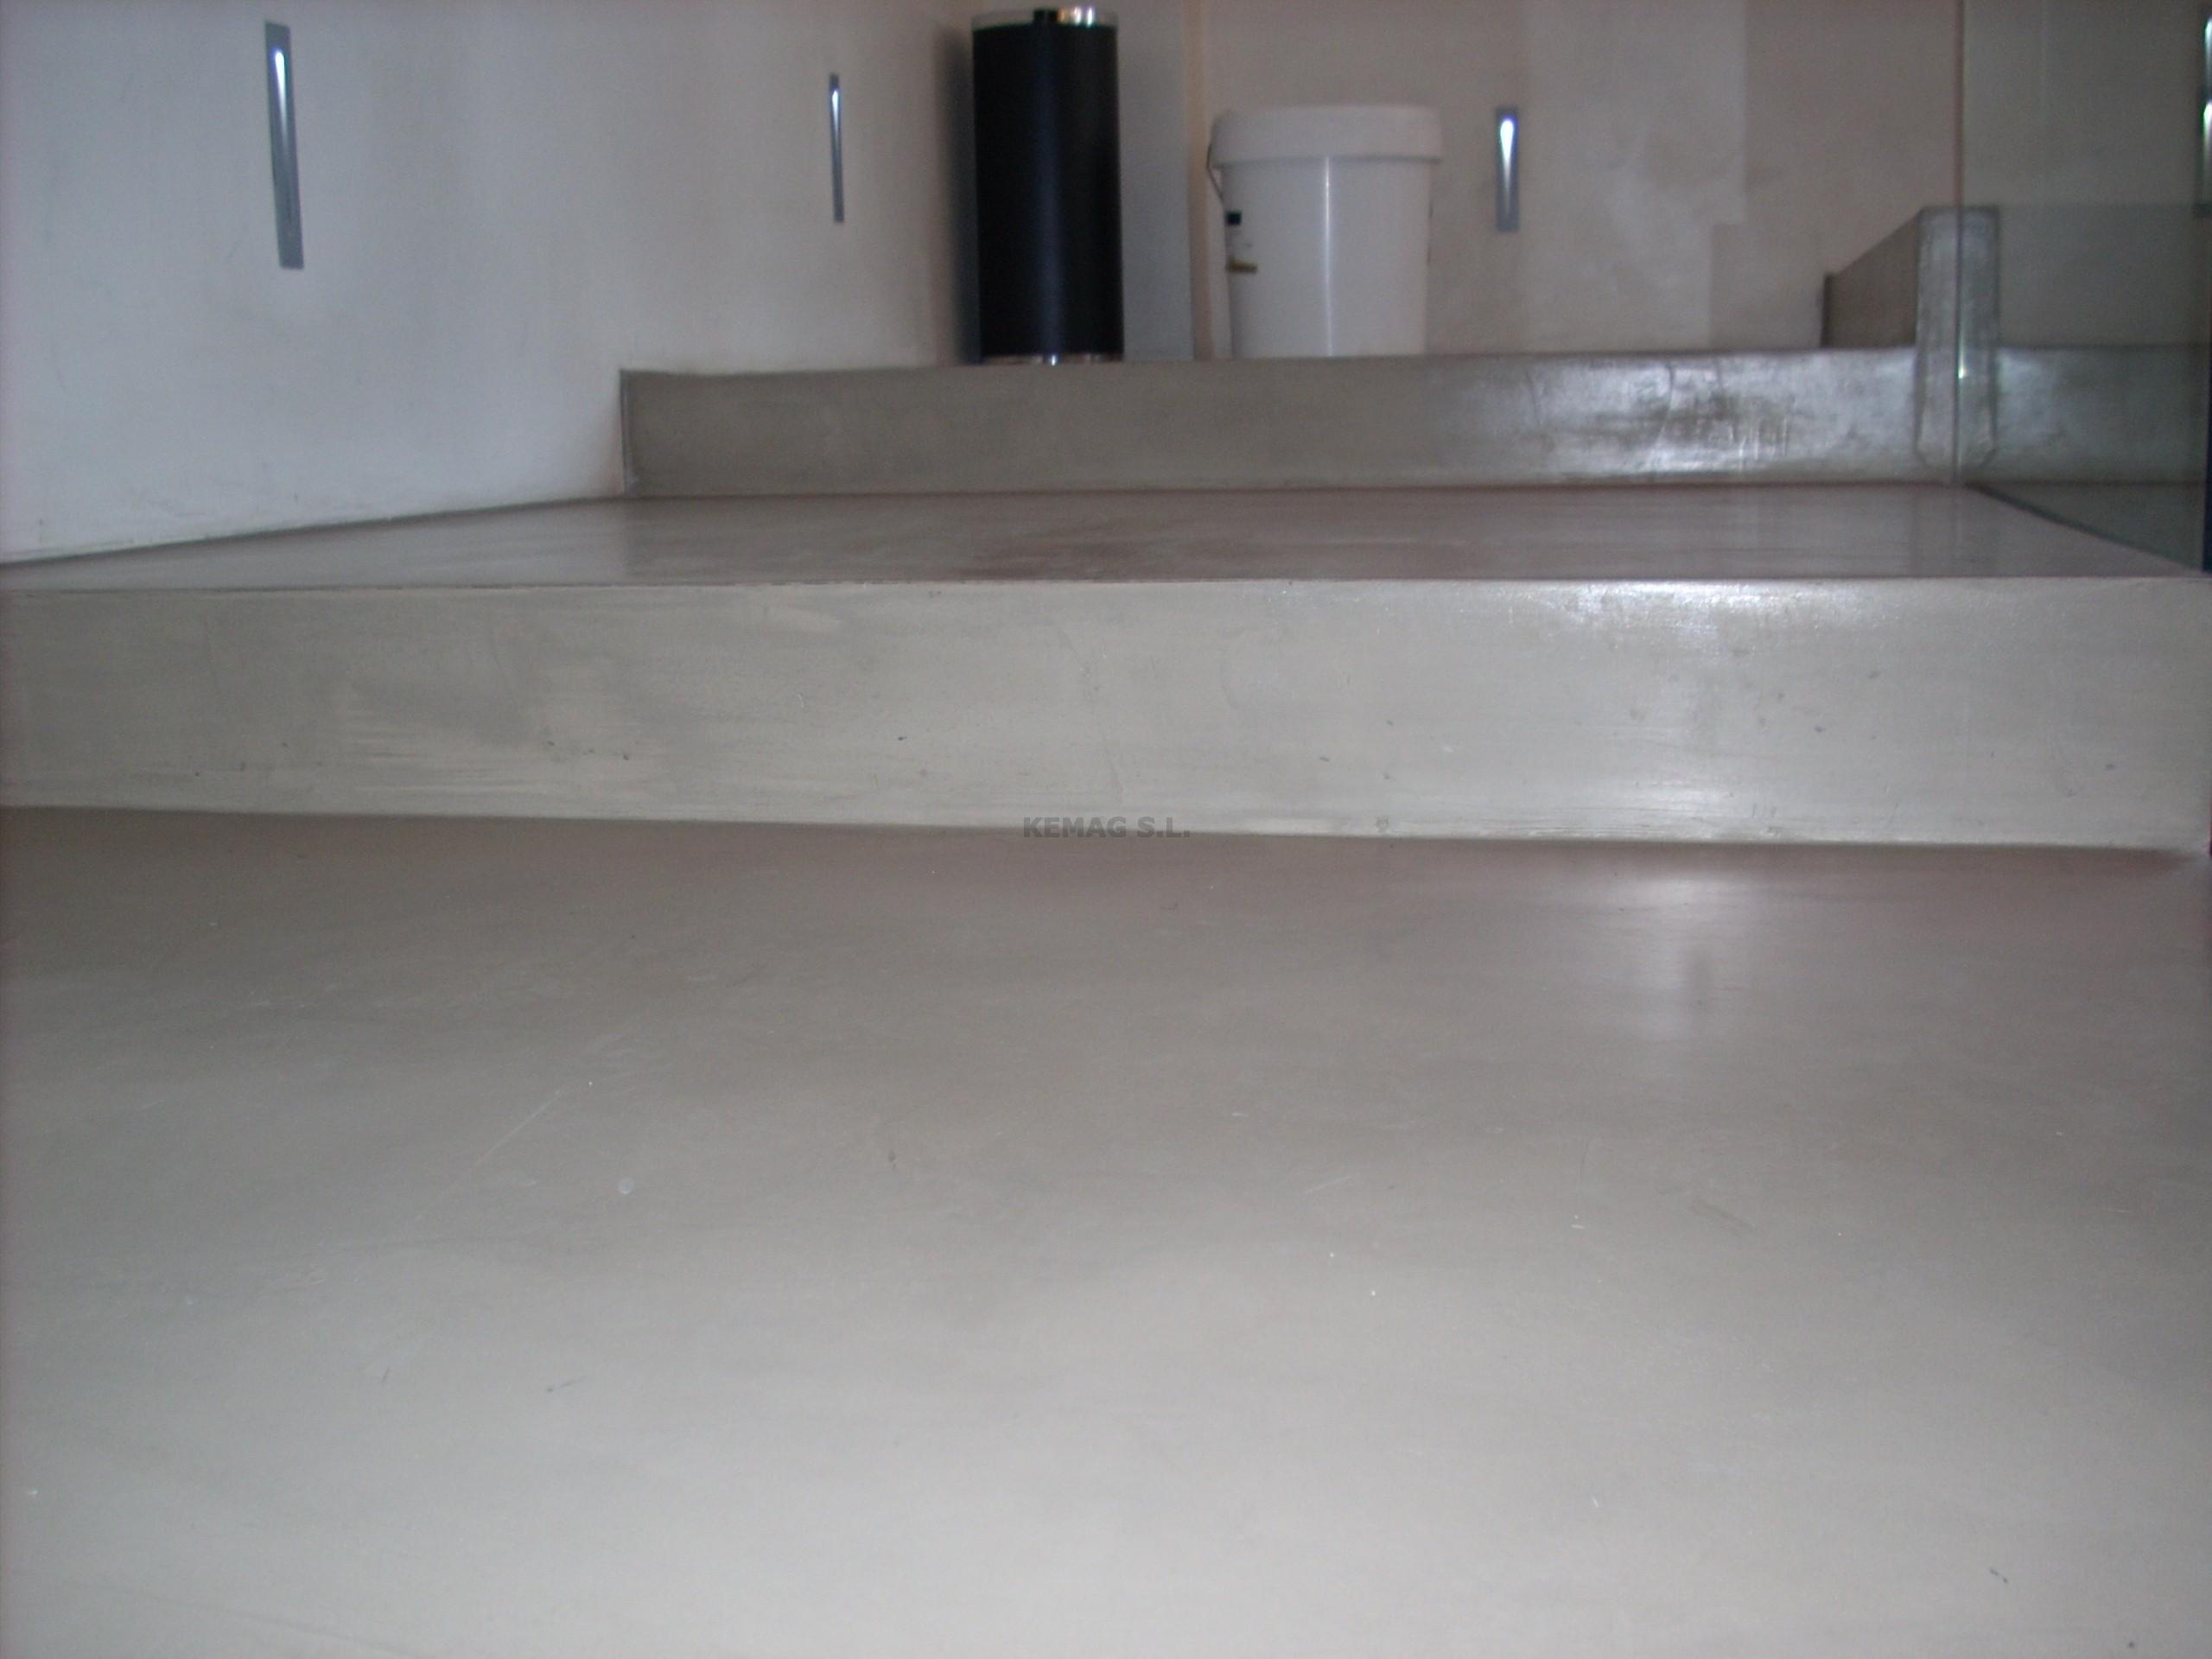 Suelo sin juntas suelo sin juntas pavimento pisos de - Suelos sin juntas ...